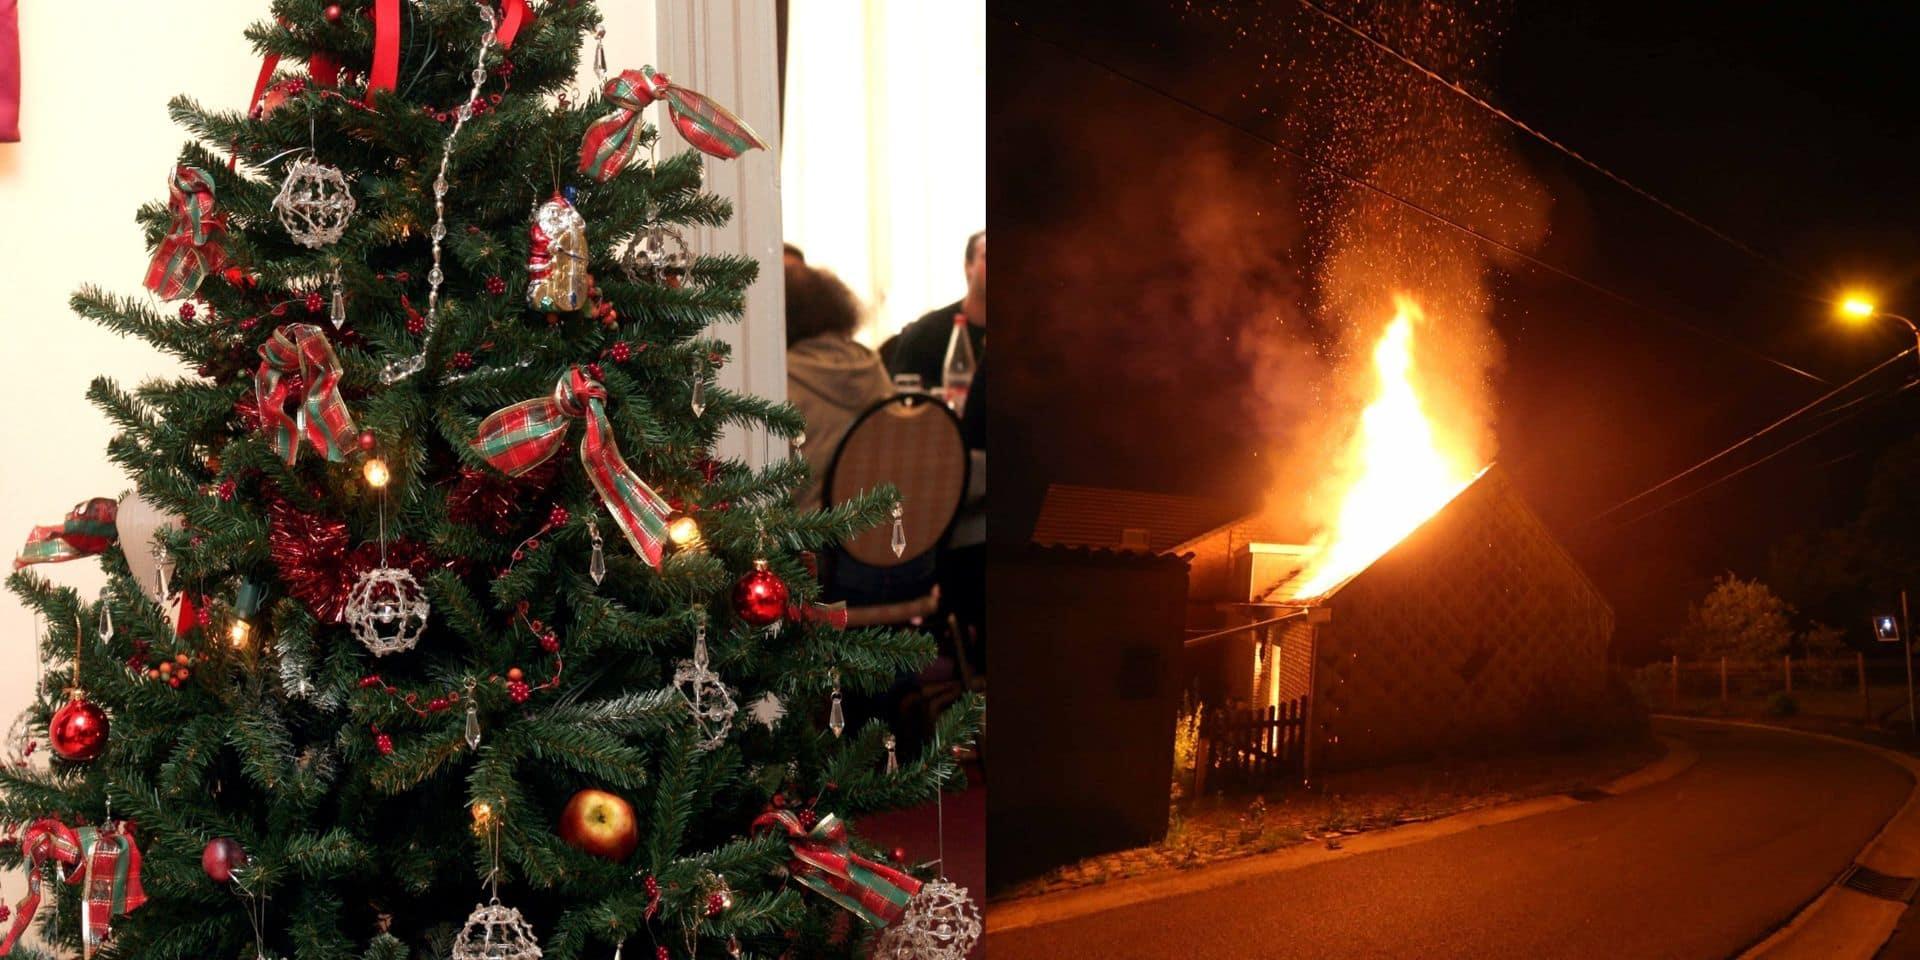 Tout ce que vous devez savoir pour éviter que votre réveillon de Noël ne parte en fumée